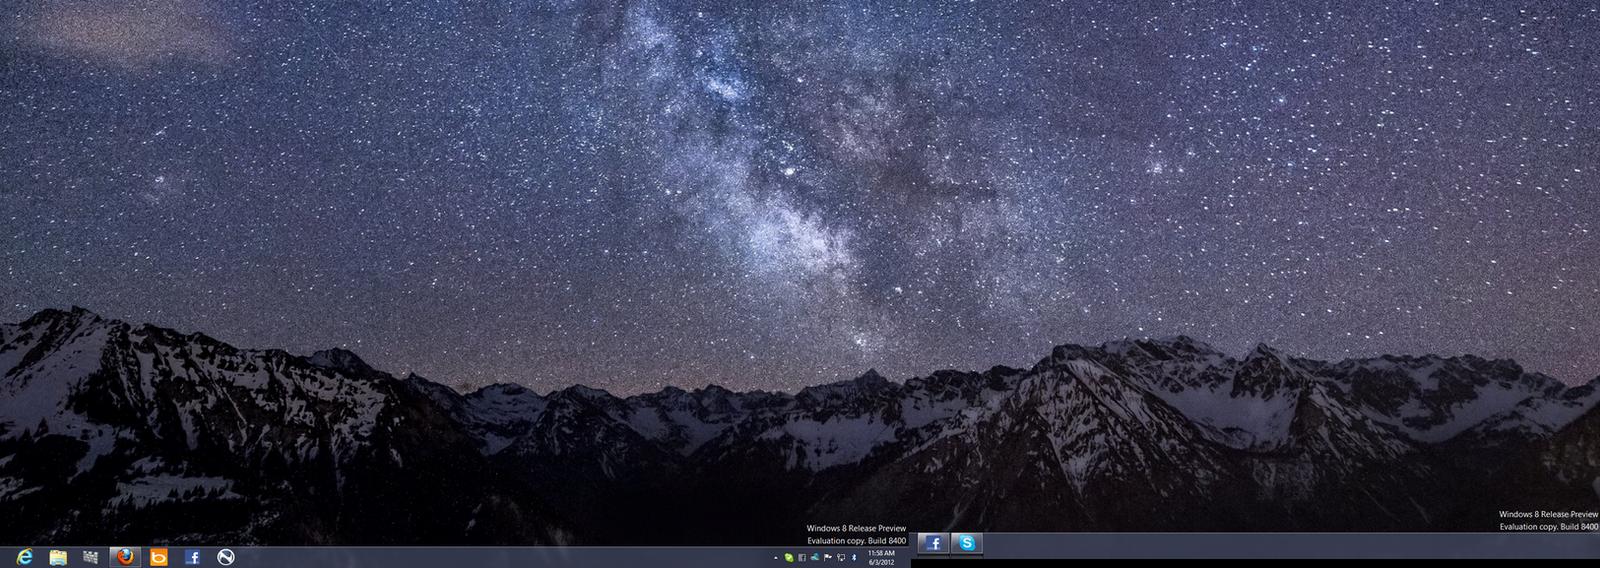 Windows 8 Release Preview Desktop by GateFan